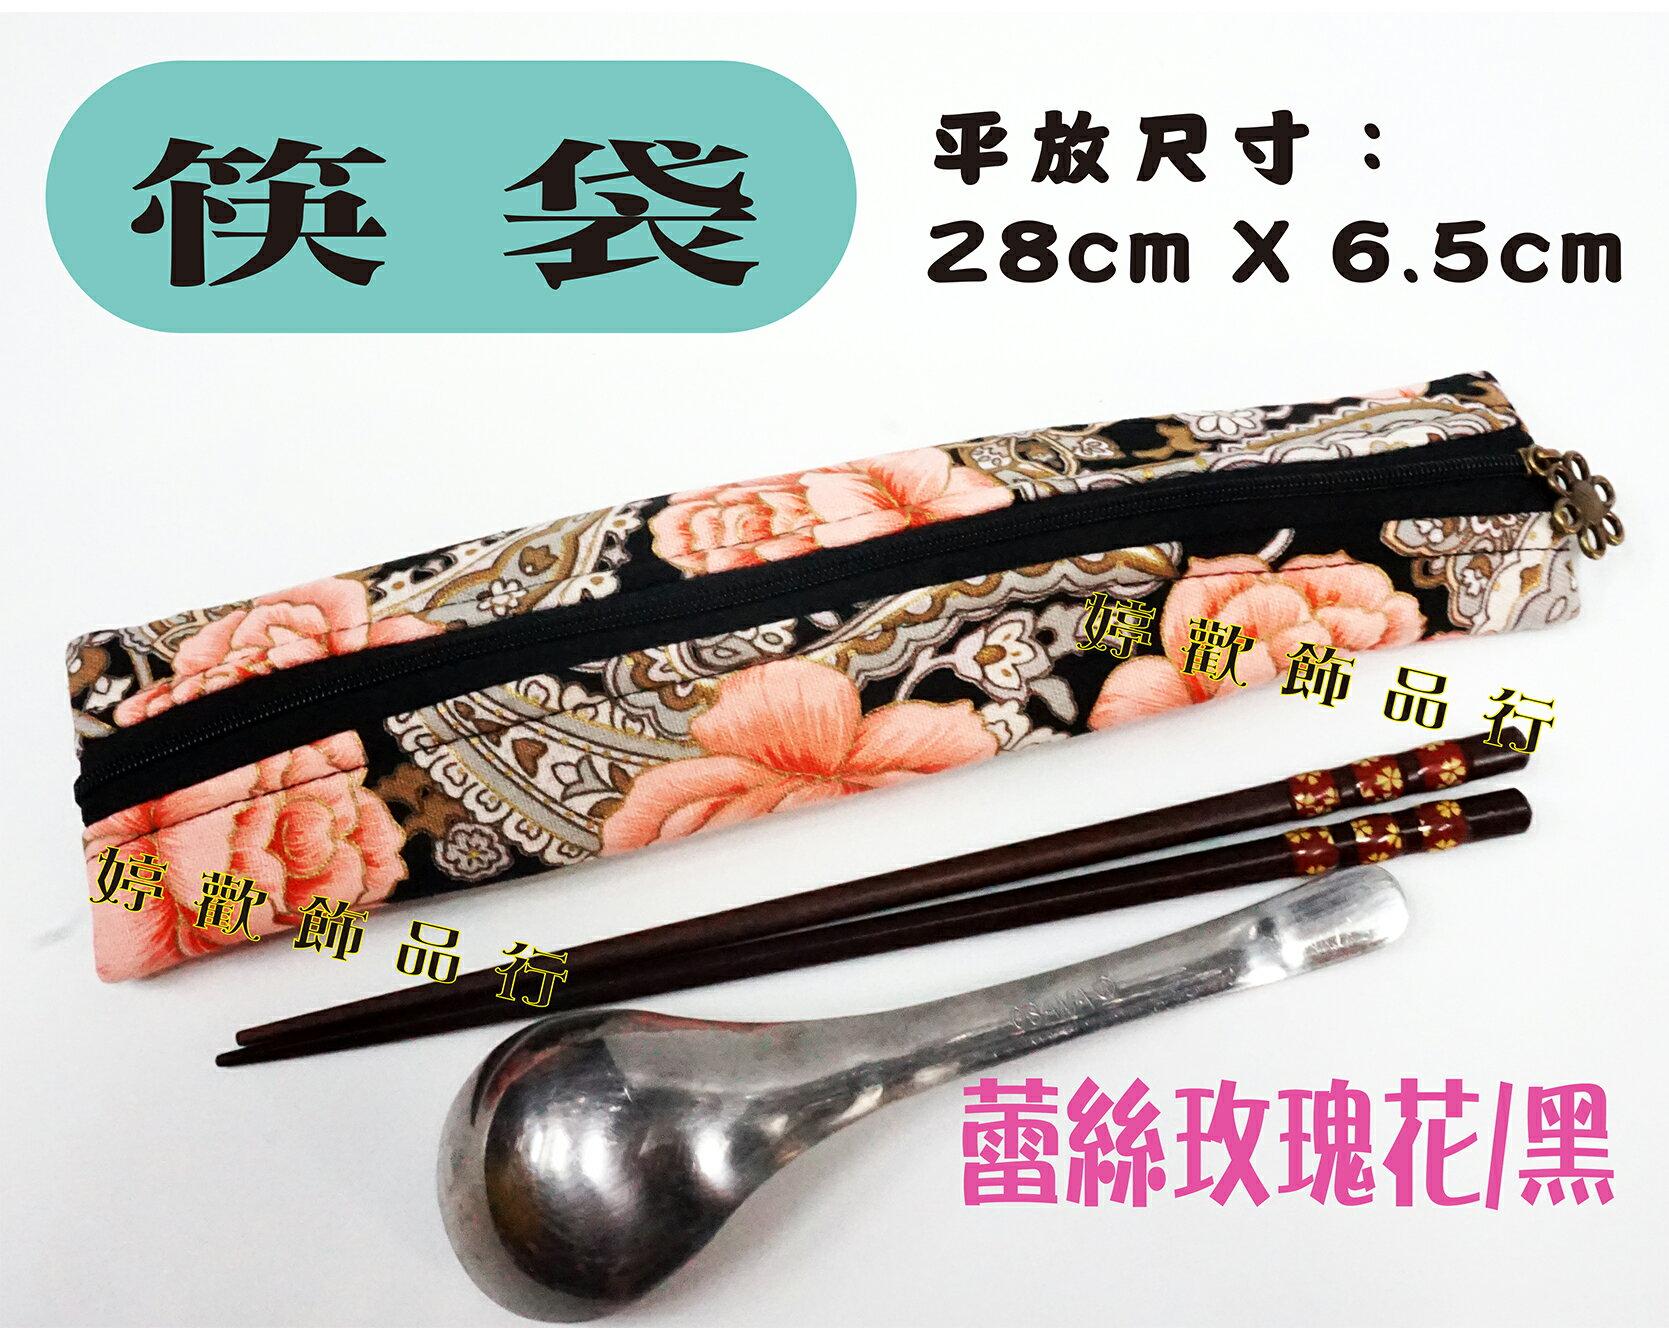 筷袋/牙刷袋/台灣製造/日本布料/時尚美觀/蕾絲玫瑰花